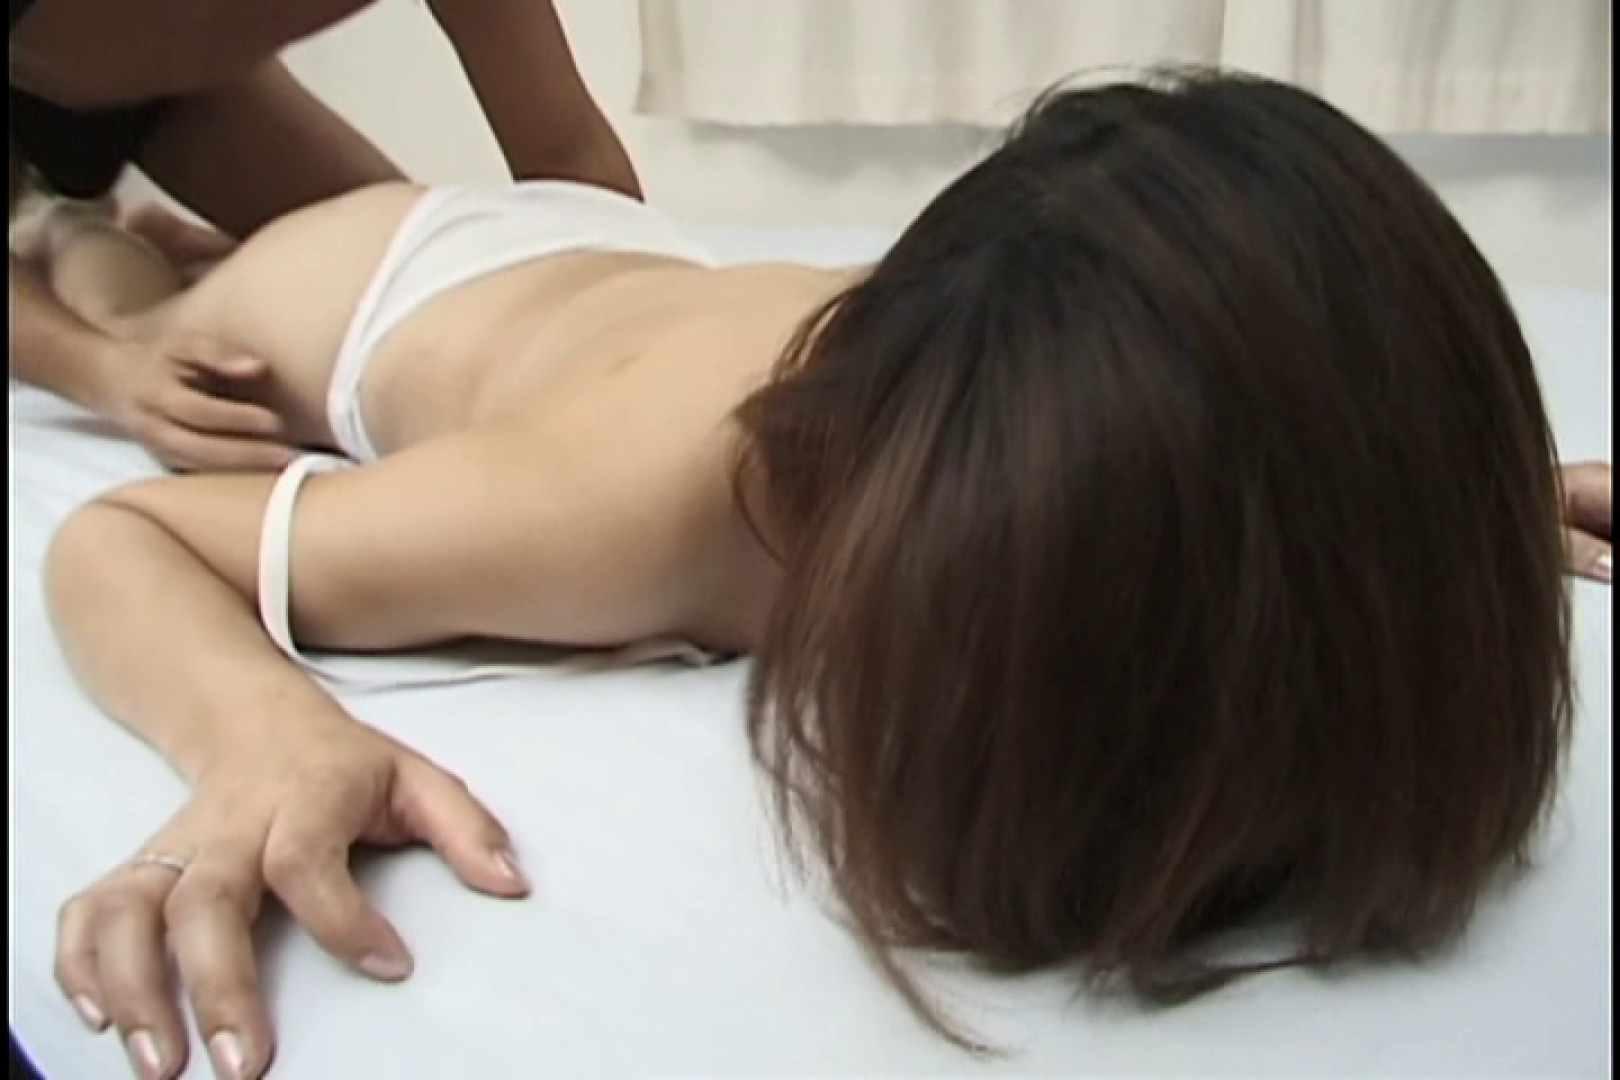 巨乳 乳首:昼間の奥様は欲求不満 ~江口亜紀子~:大奥